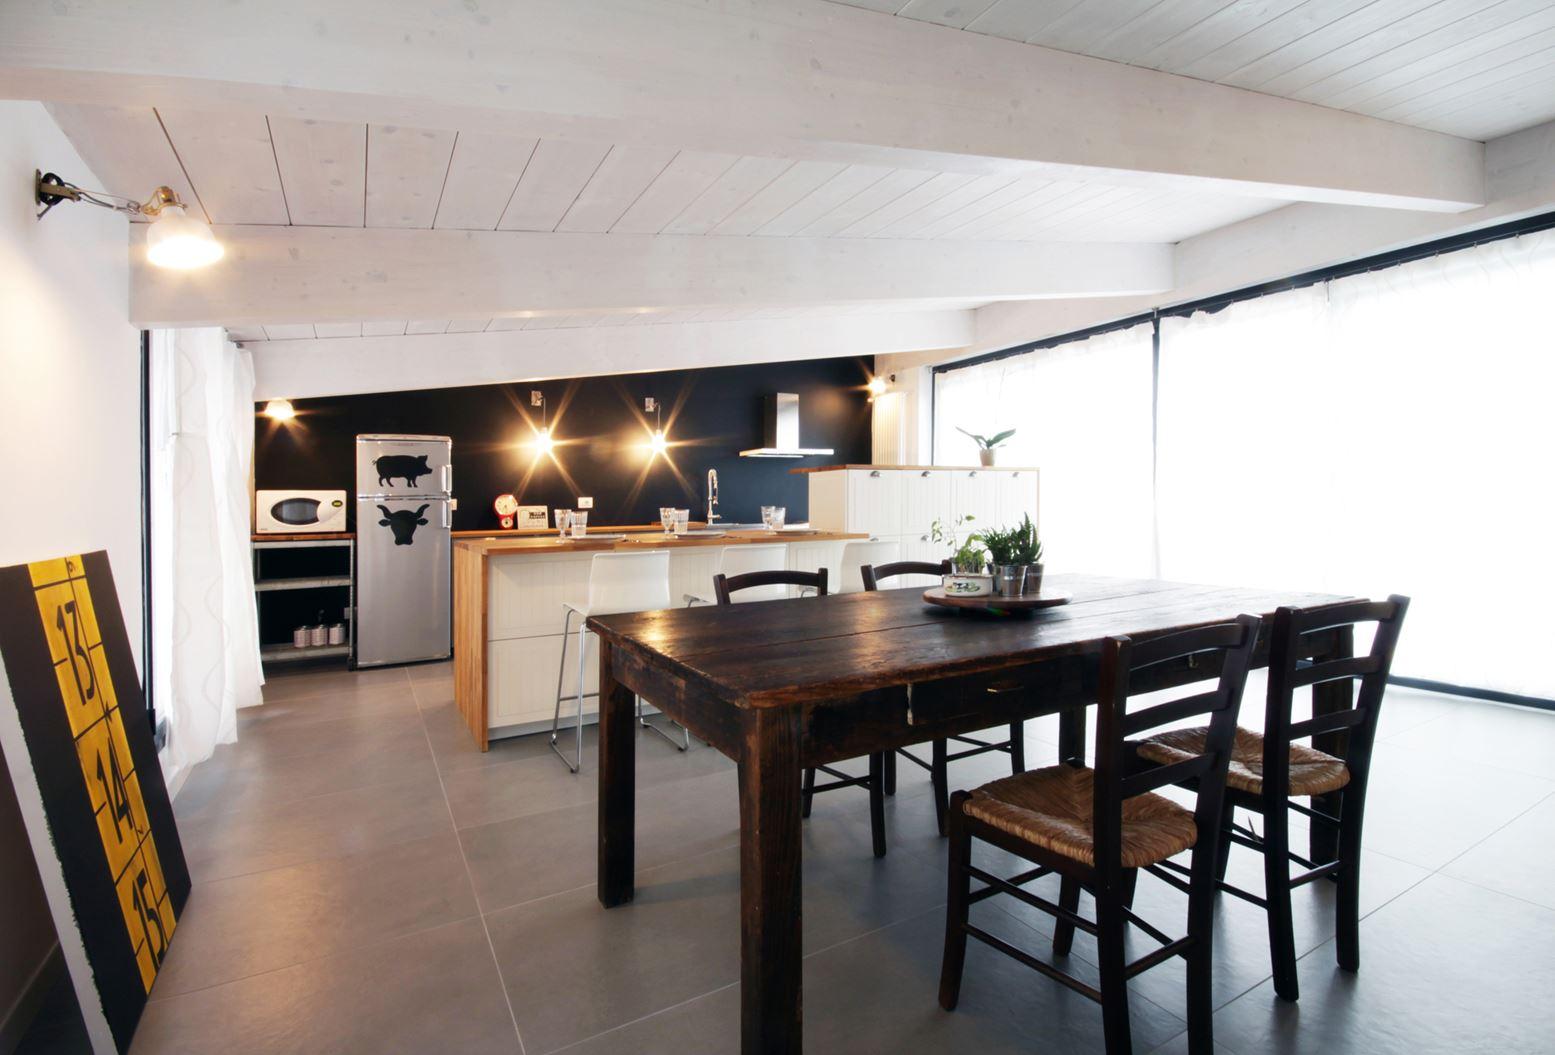 Una mansarda con il tetto in legno a milano - Arredare casa a basso costo ...